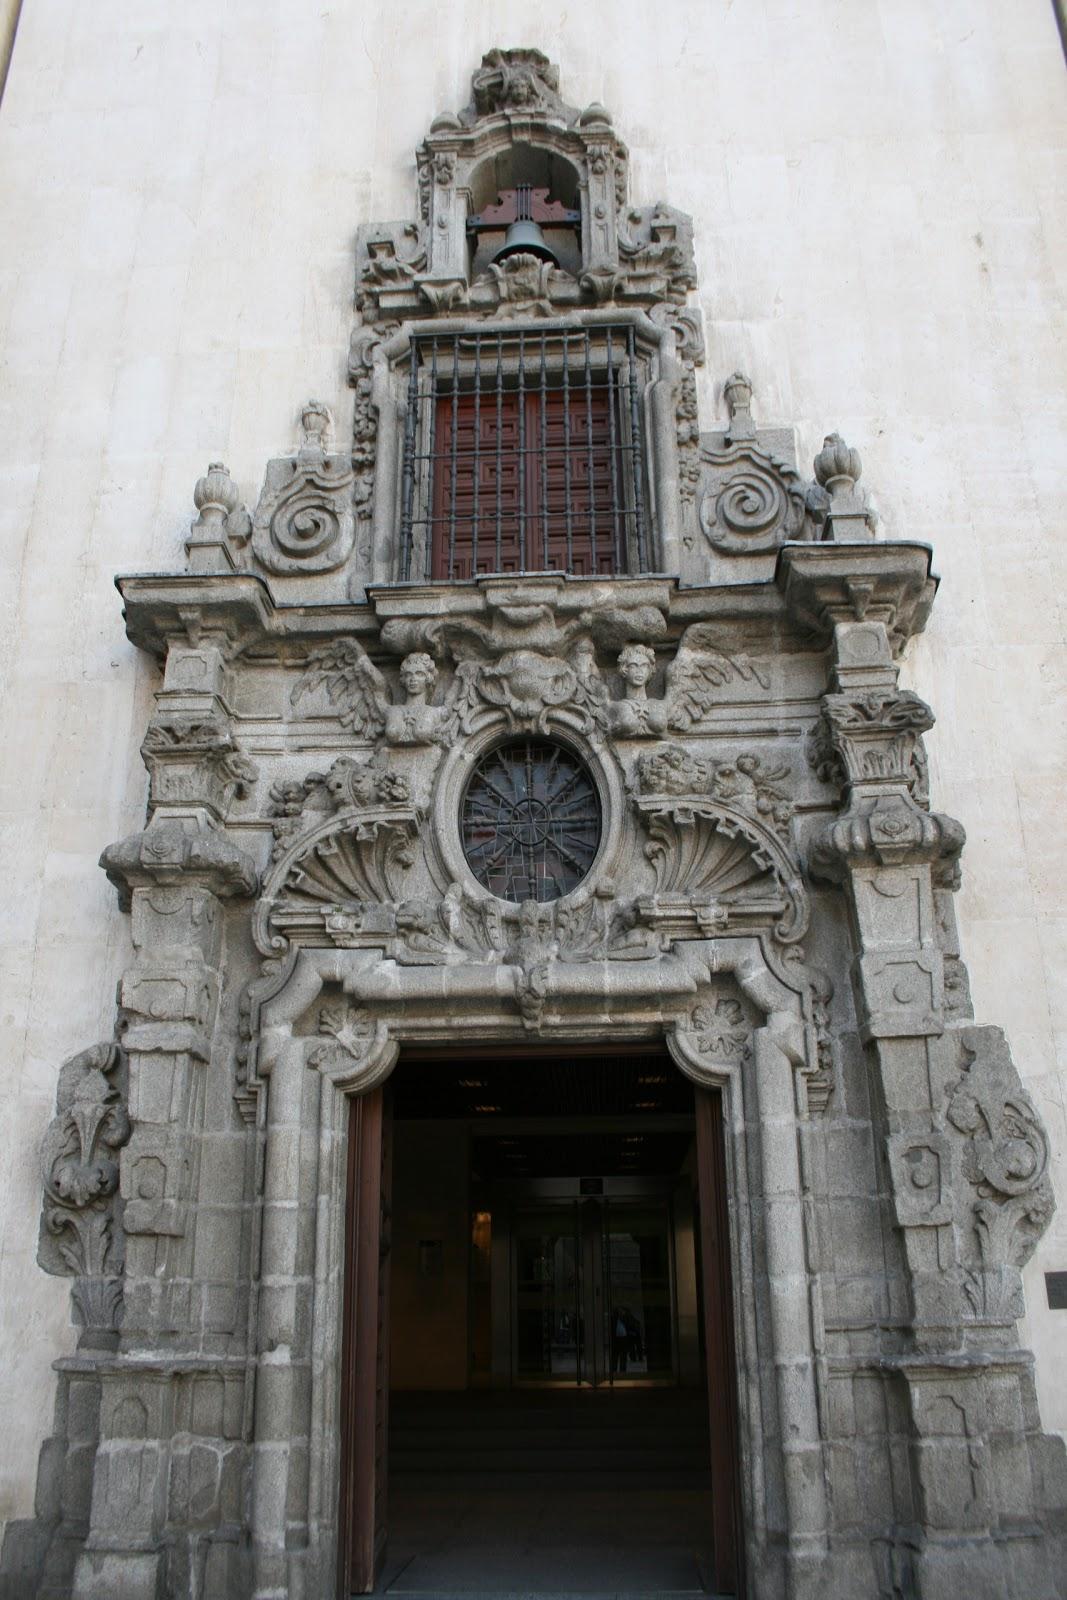 Maravillas ocultas de espa a madrid para madrile os y - Caja de arquitectos madrid ...